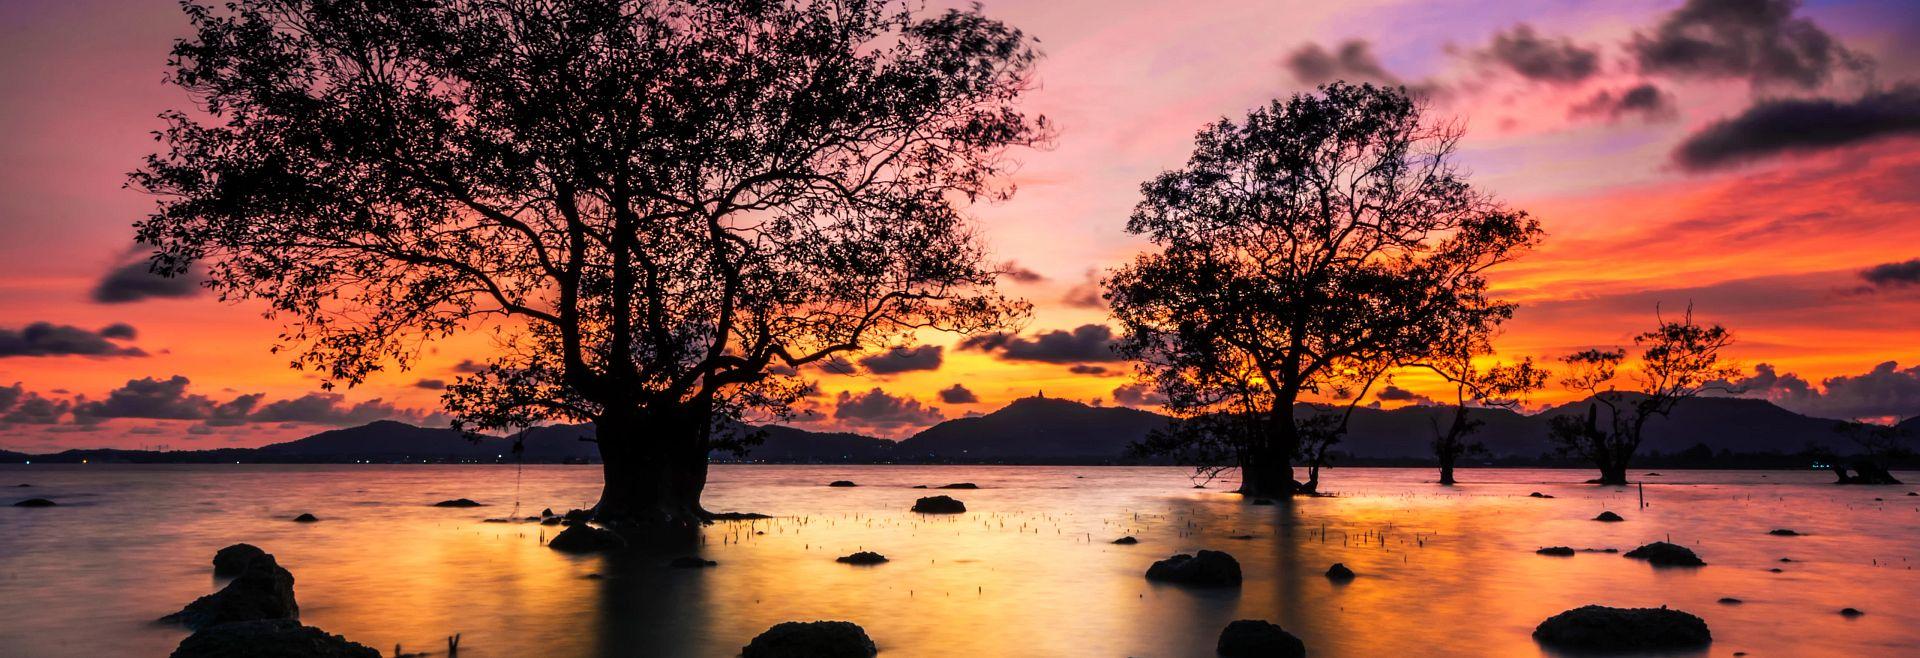 lake at dusk in north carolina